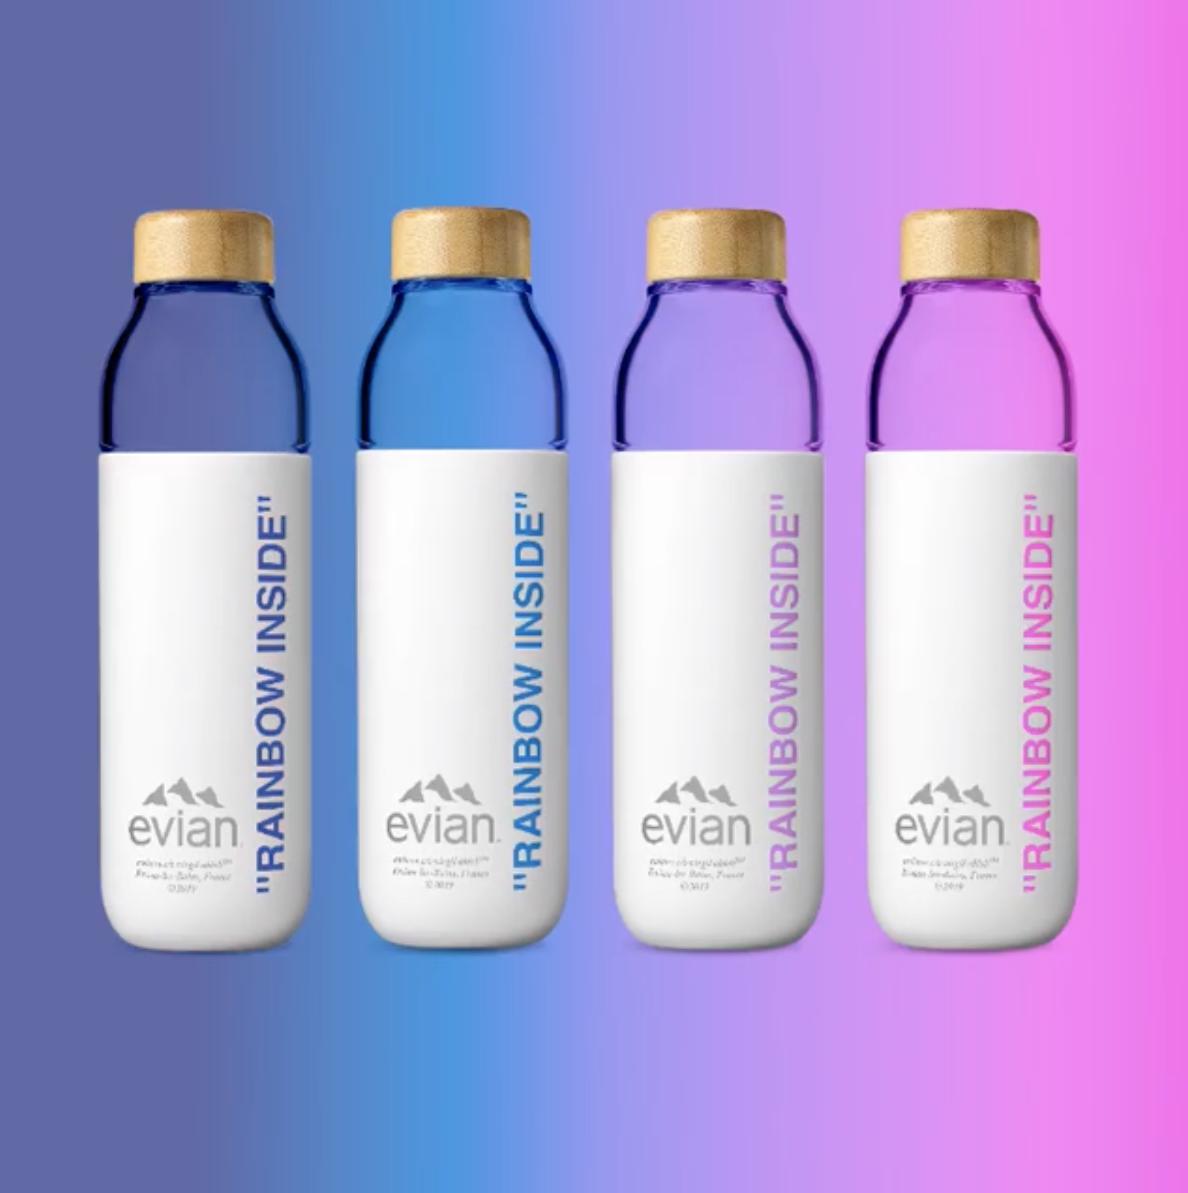 史上最潮 Evian 礦泉水!這位 LV、Off-White 明星設計師的聯名礦泉水「Soma Bottle」開搶囉!